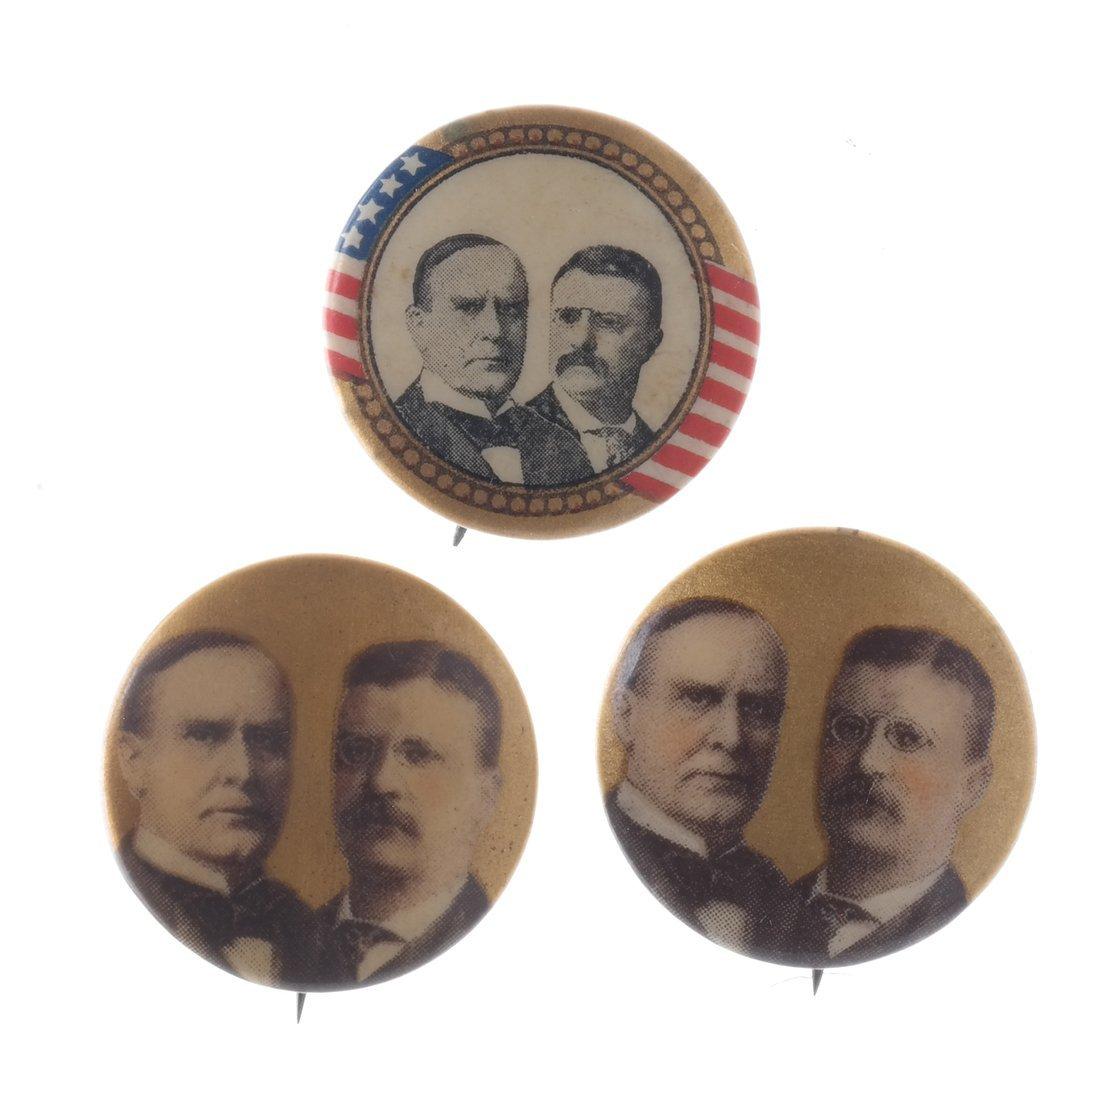 Wm. McKinley, Hobart, and Roosvelt - 1896 & 1900 - 3